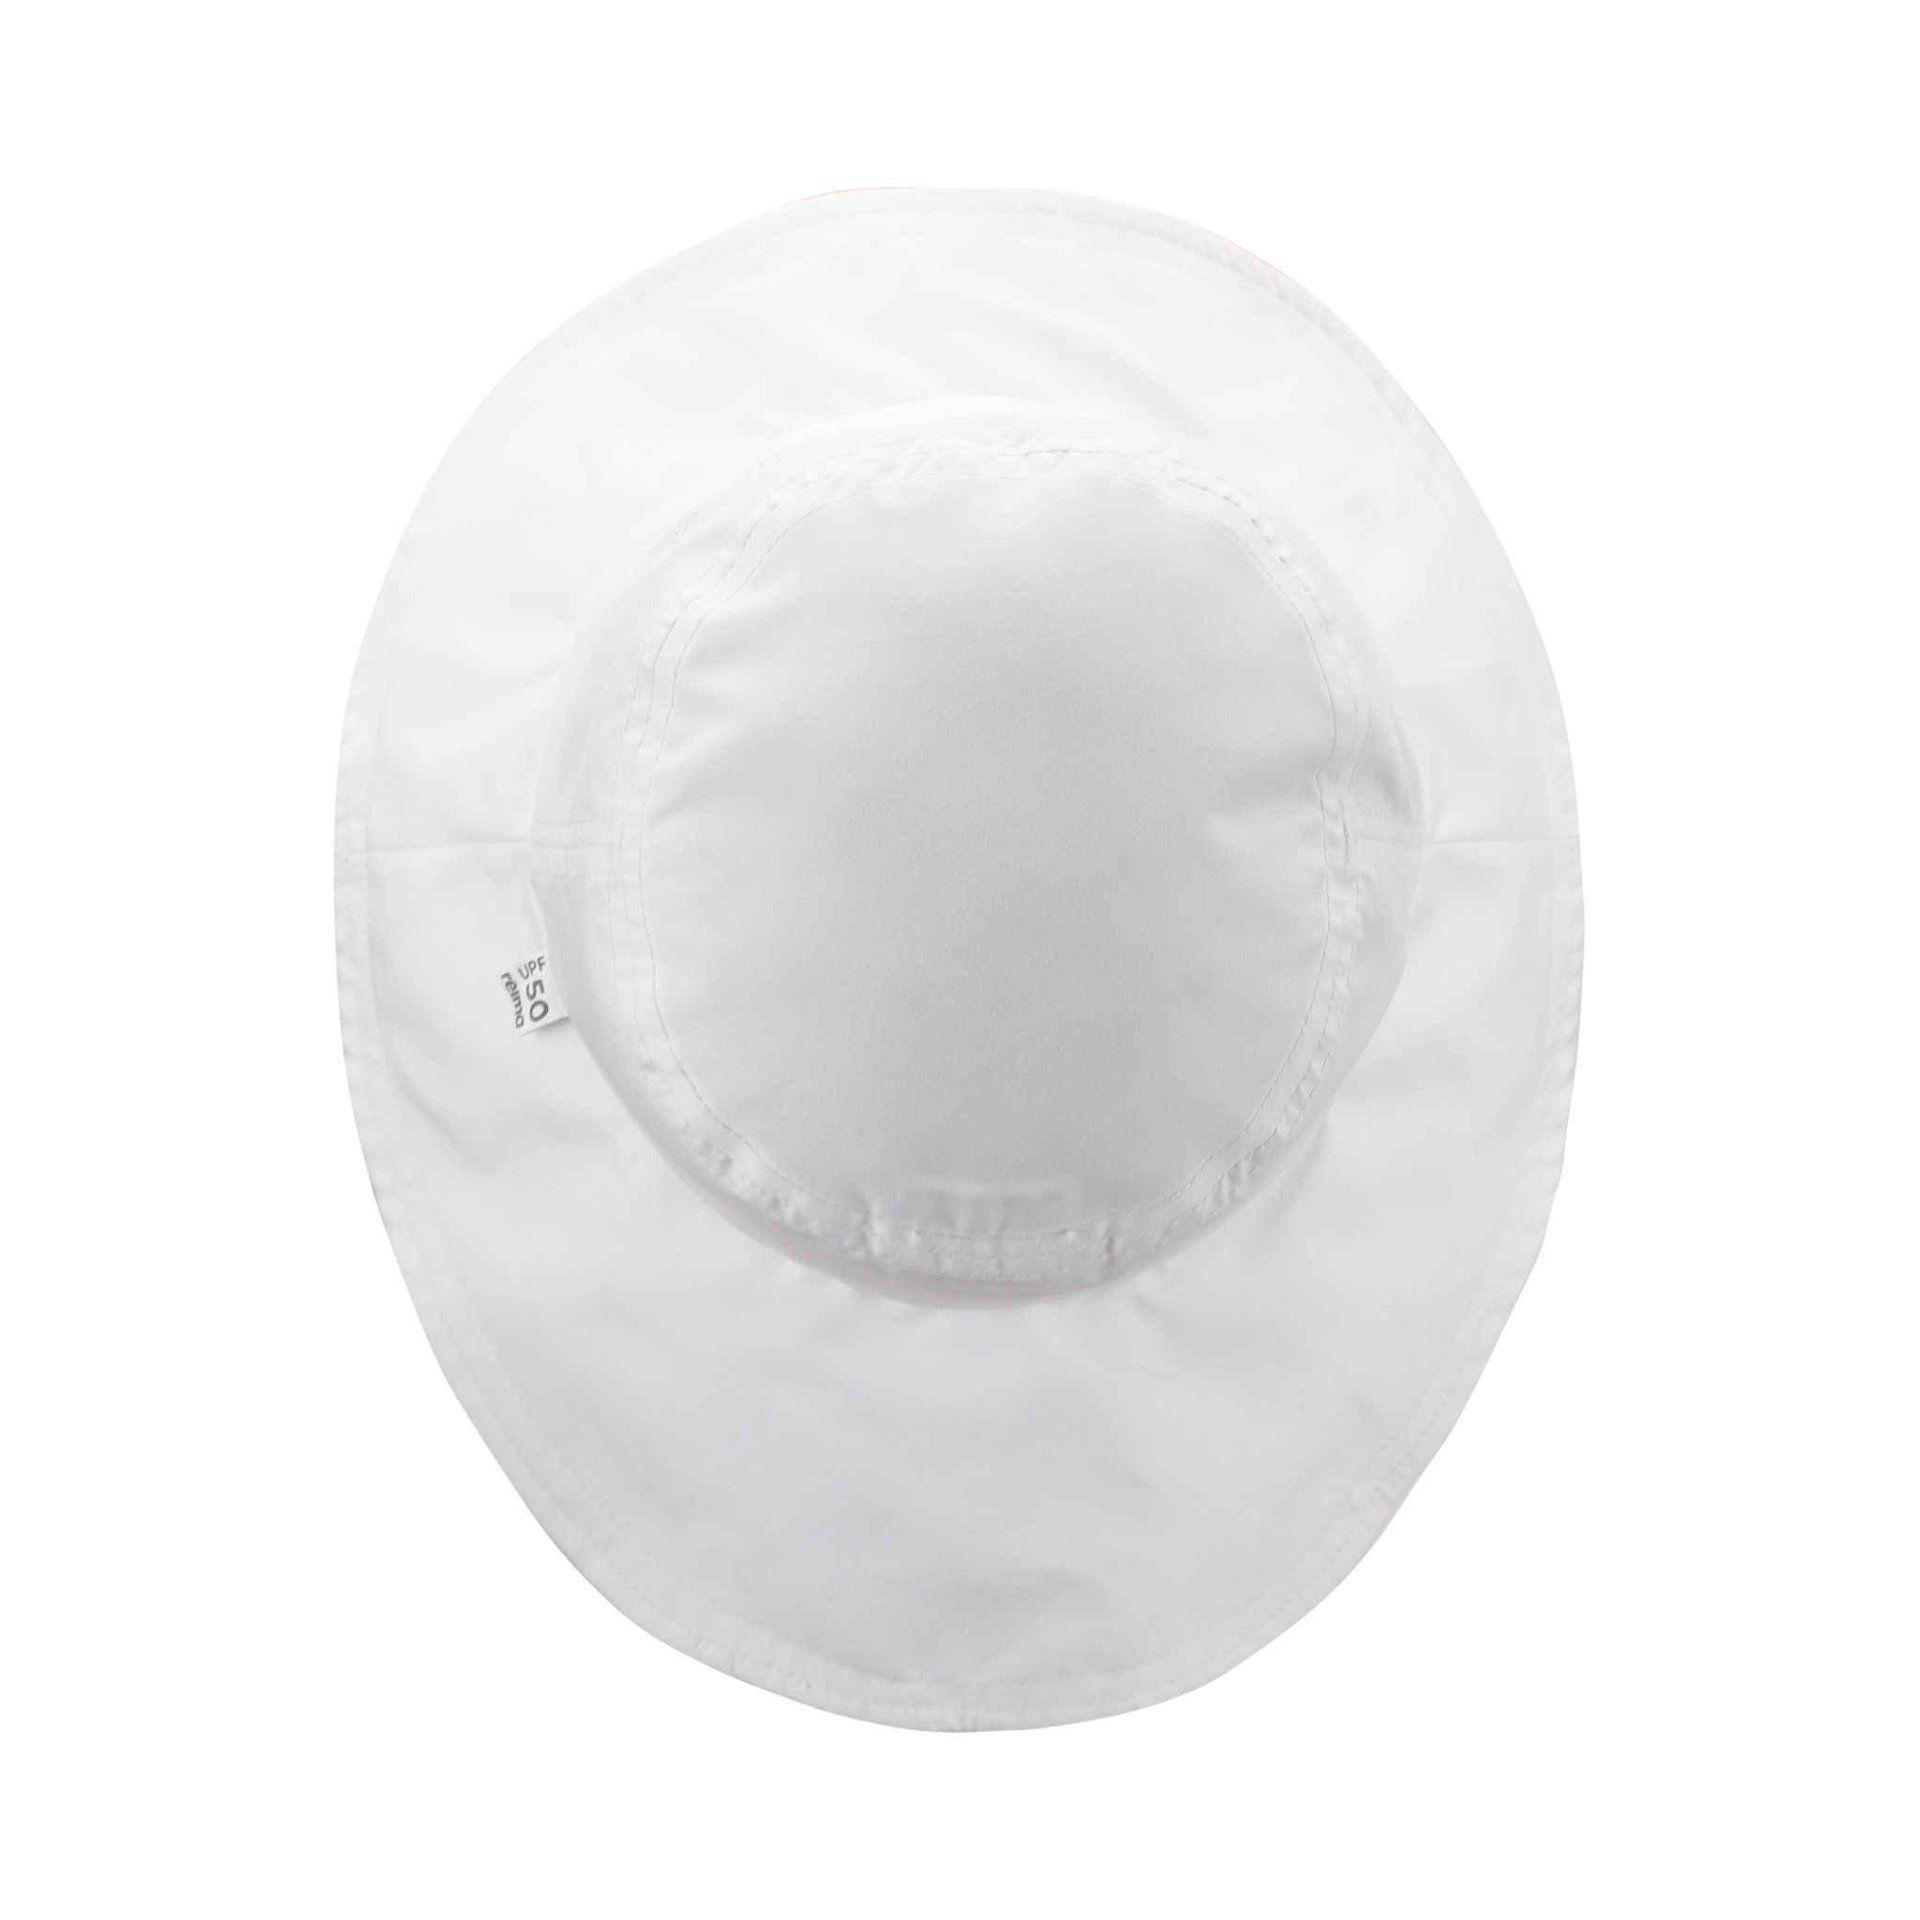 KAPELUSZ REIMA TROPICAL 528655-0100 WHITE Z GÓRY